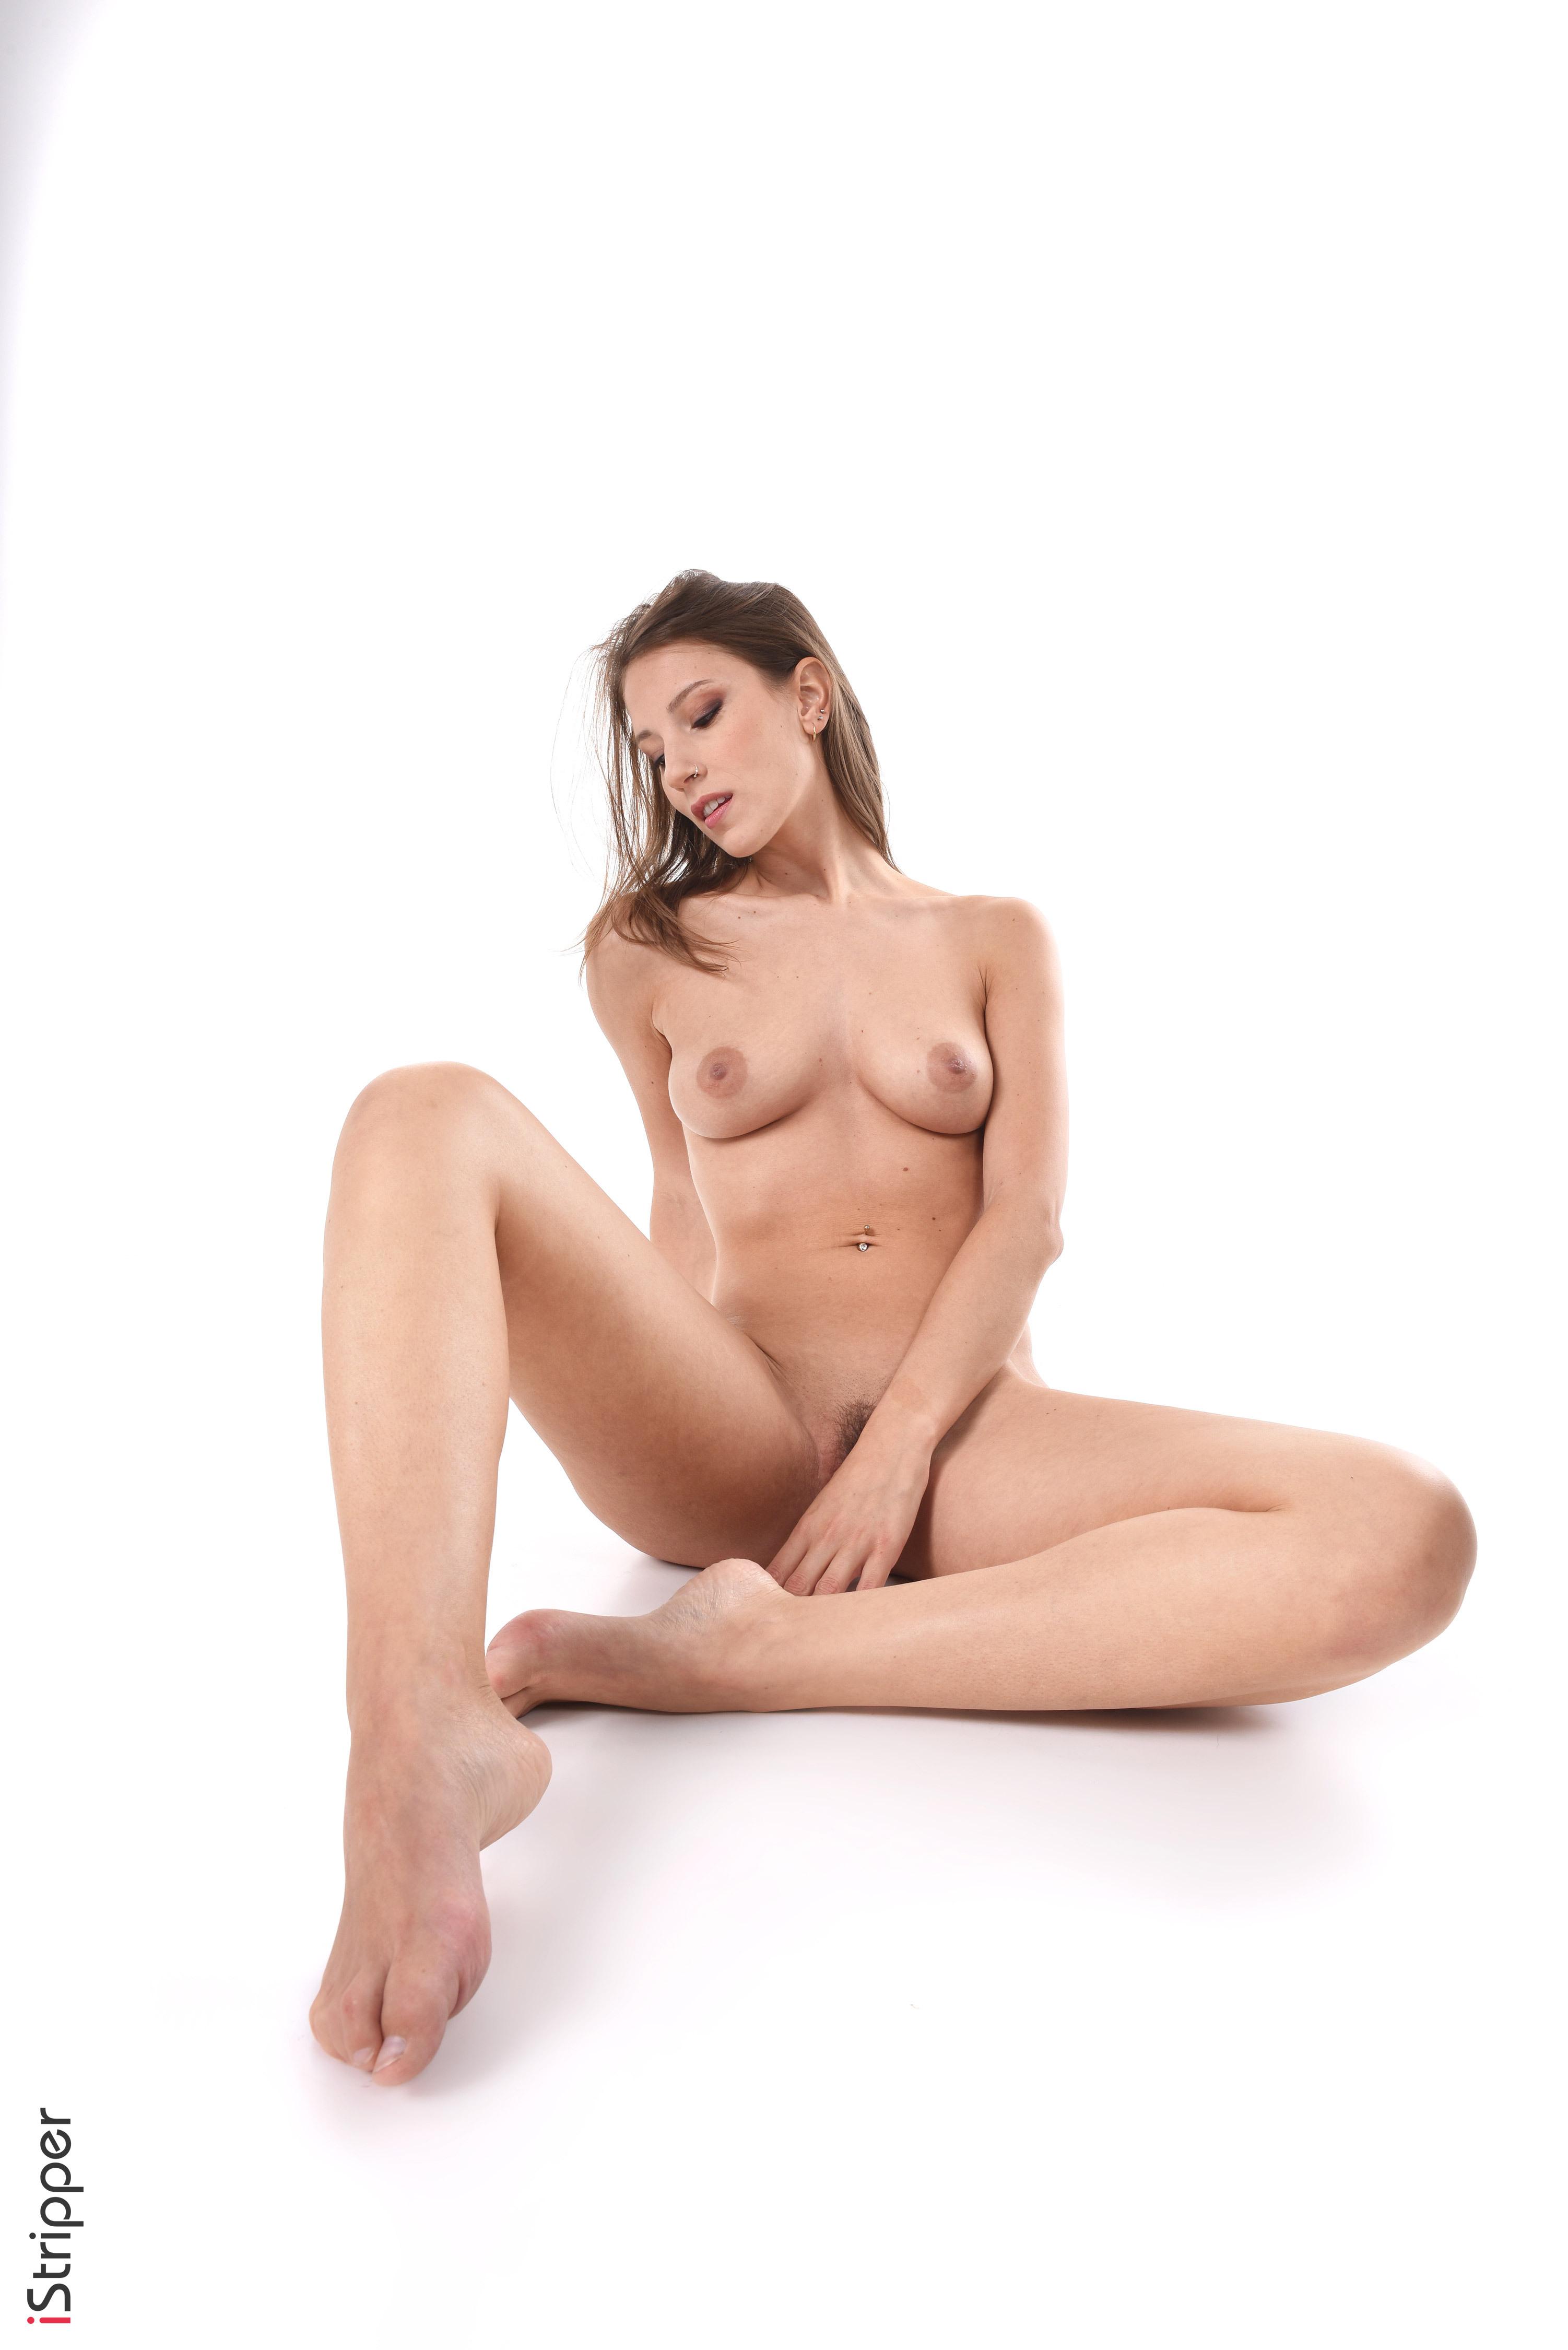 paige davis sexy striptease